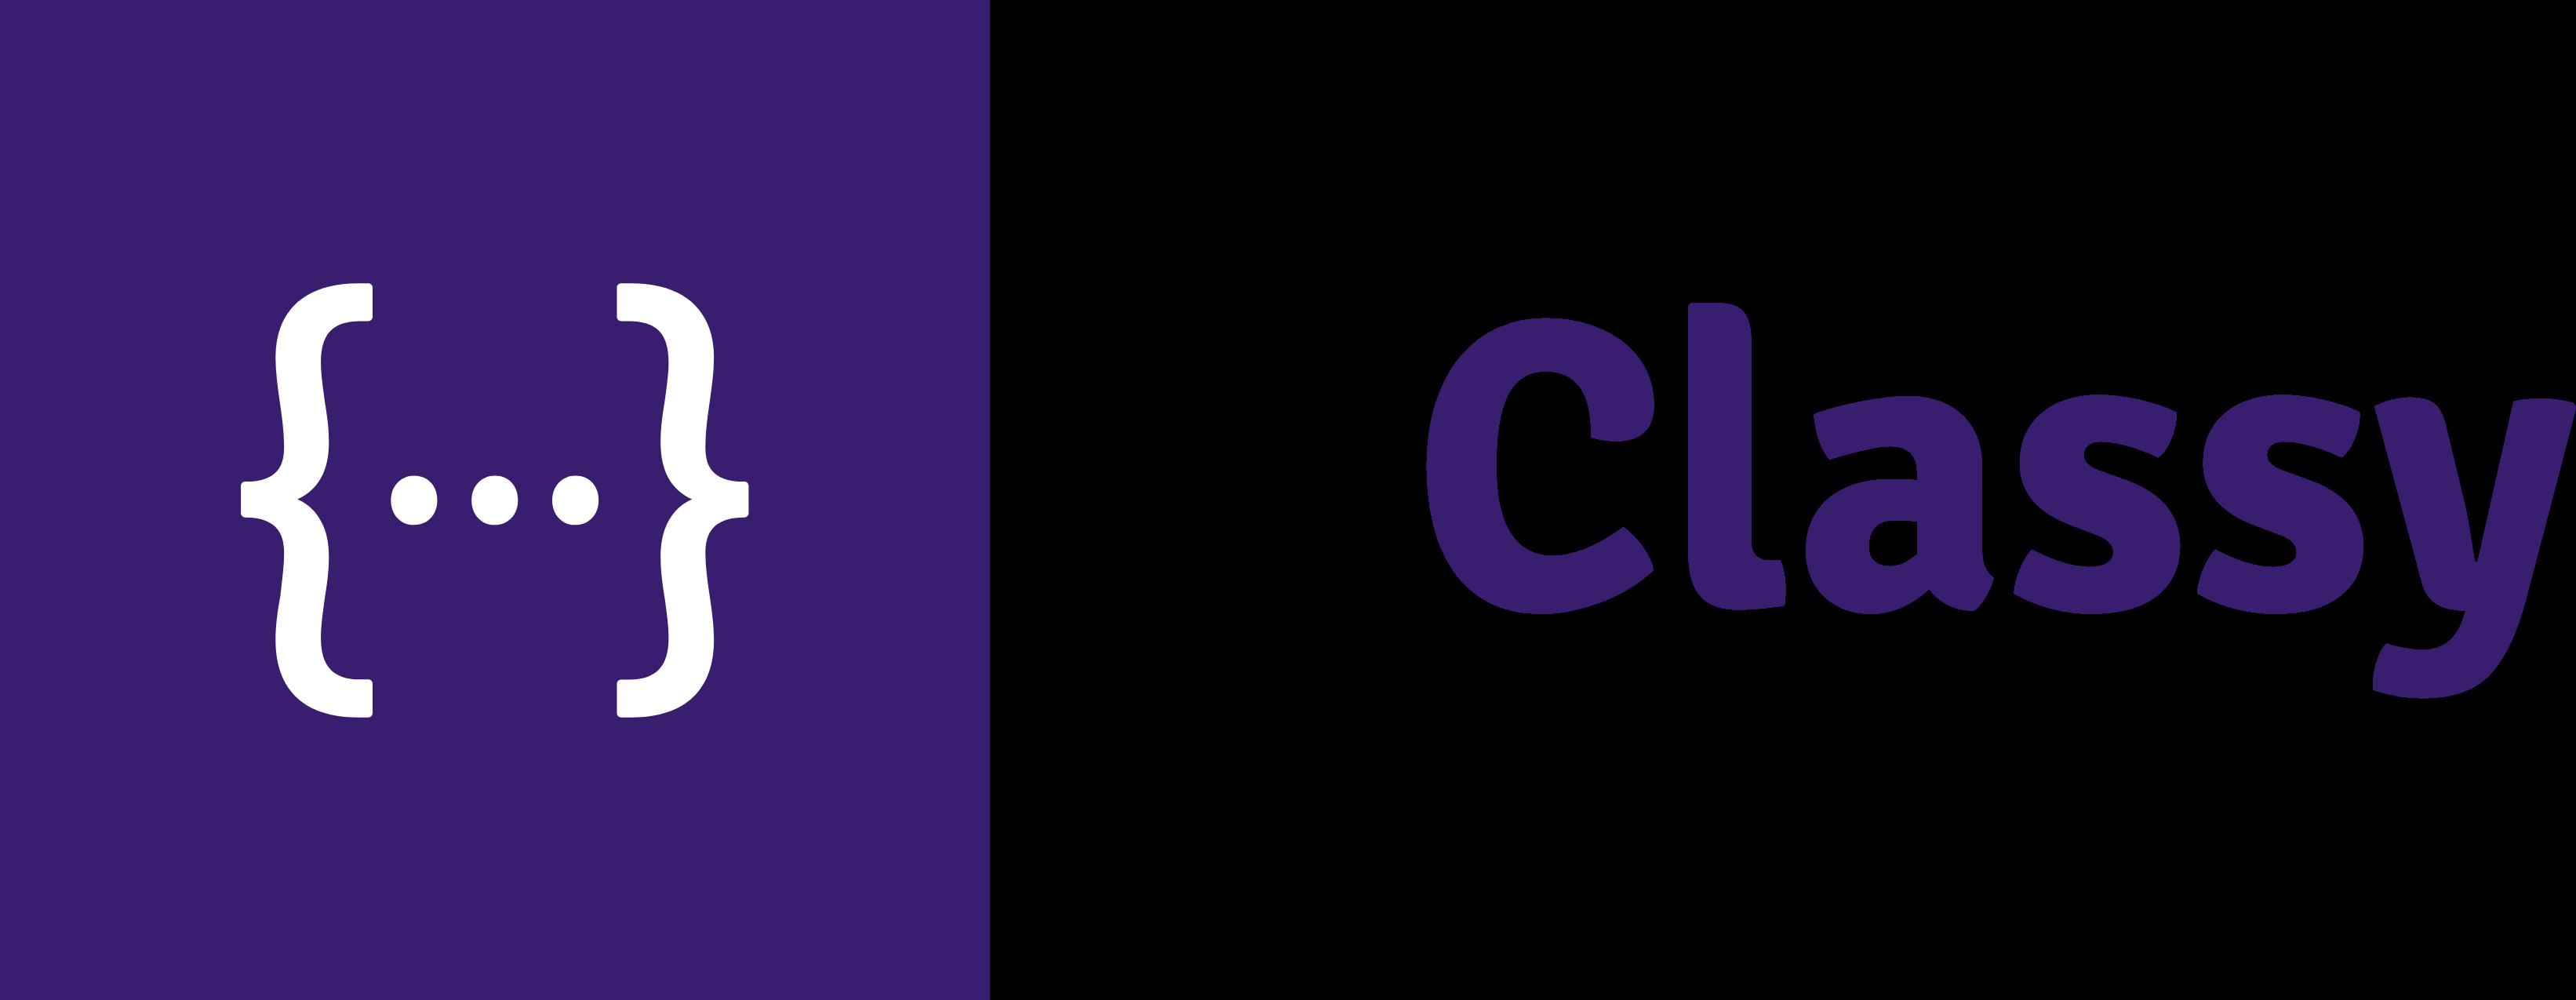 Classy Digital Agency